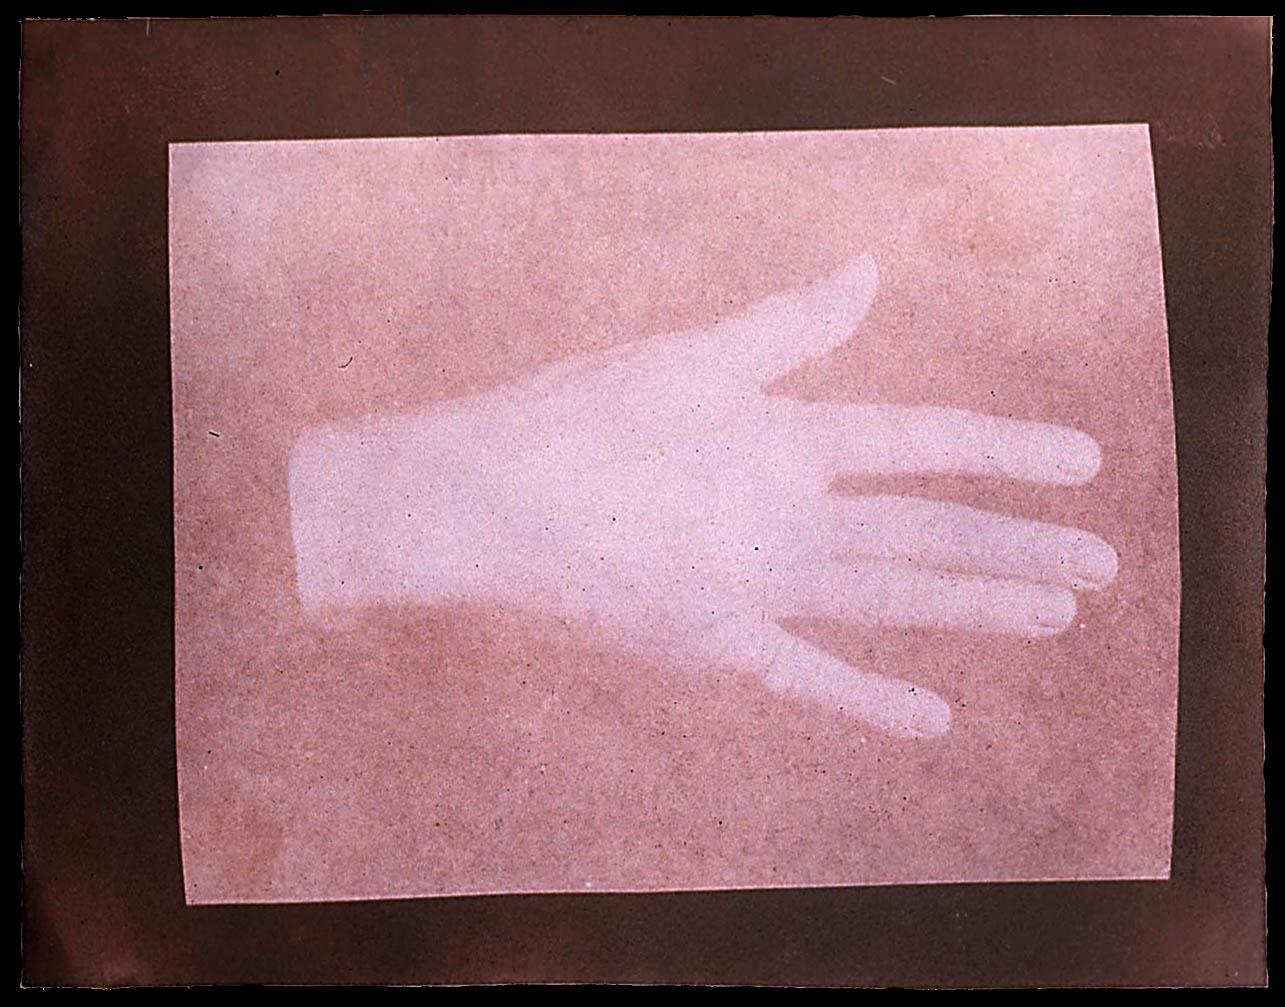 SC3684-hand-NMeM-1937-369-29